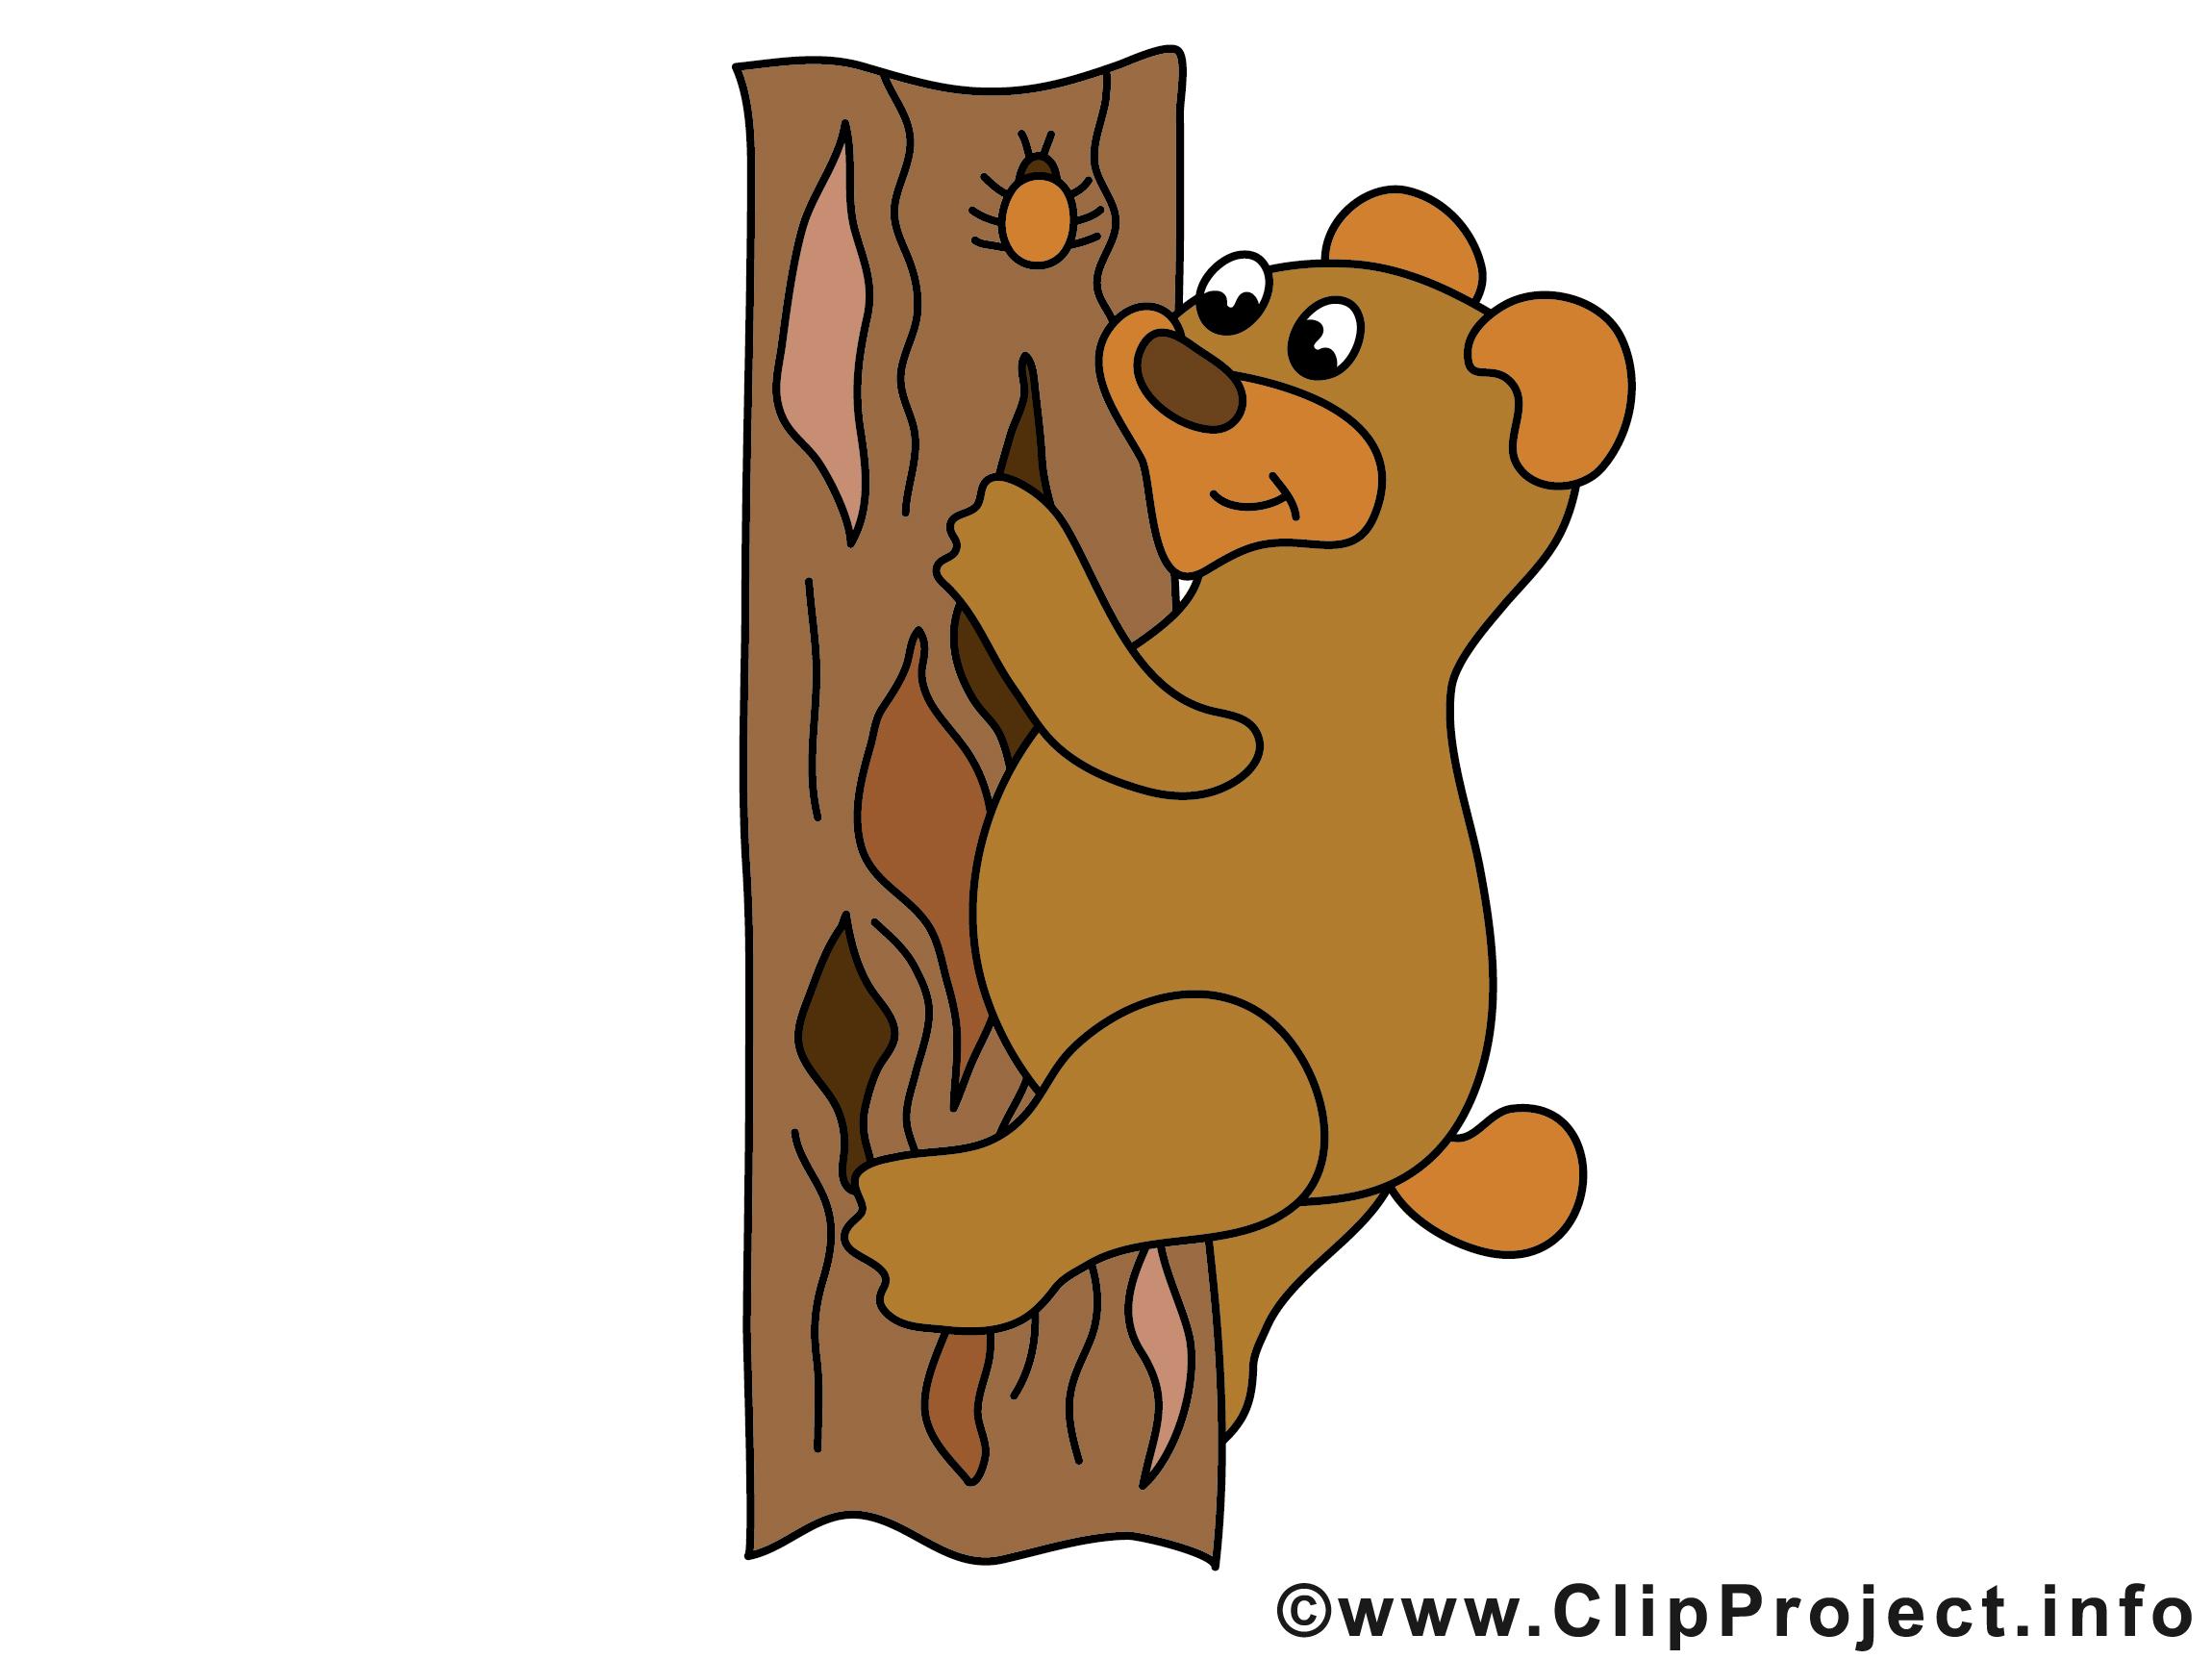 Bild Baer klettert auf Baum.